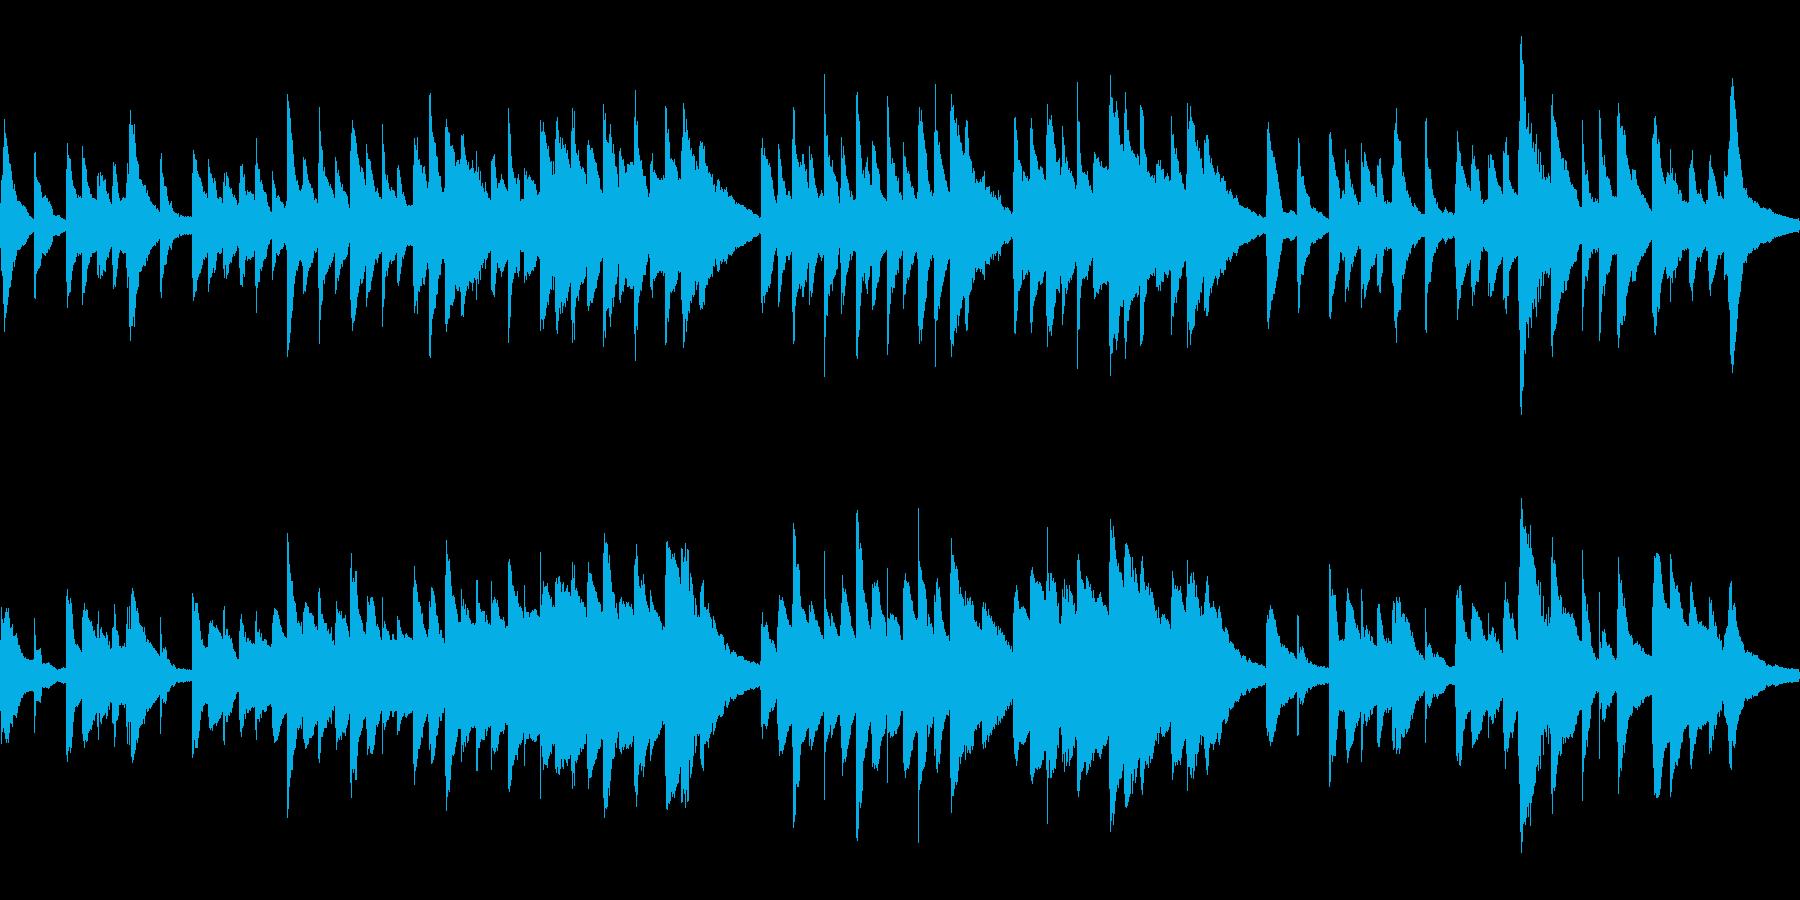 古歌「さくらさくら」ループ仕様ピアノソロの再生済みの波形